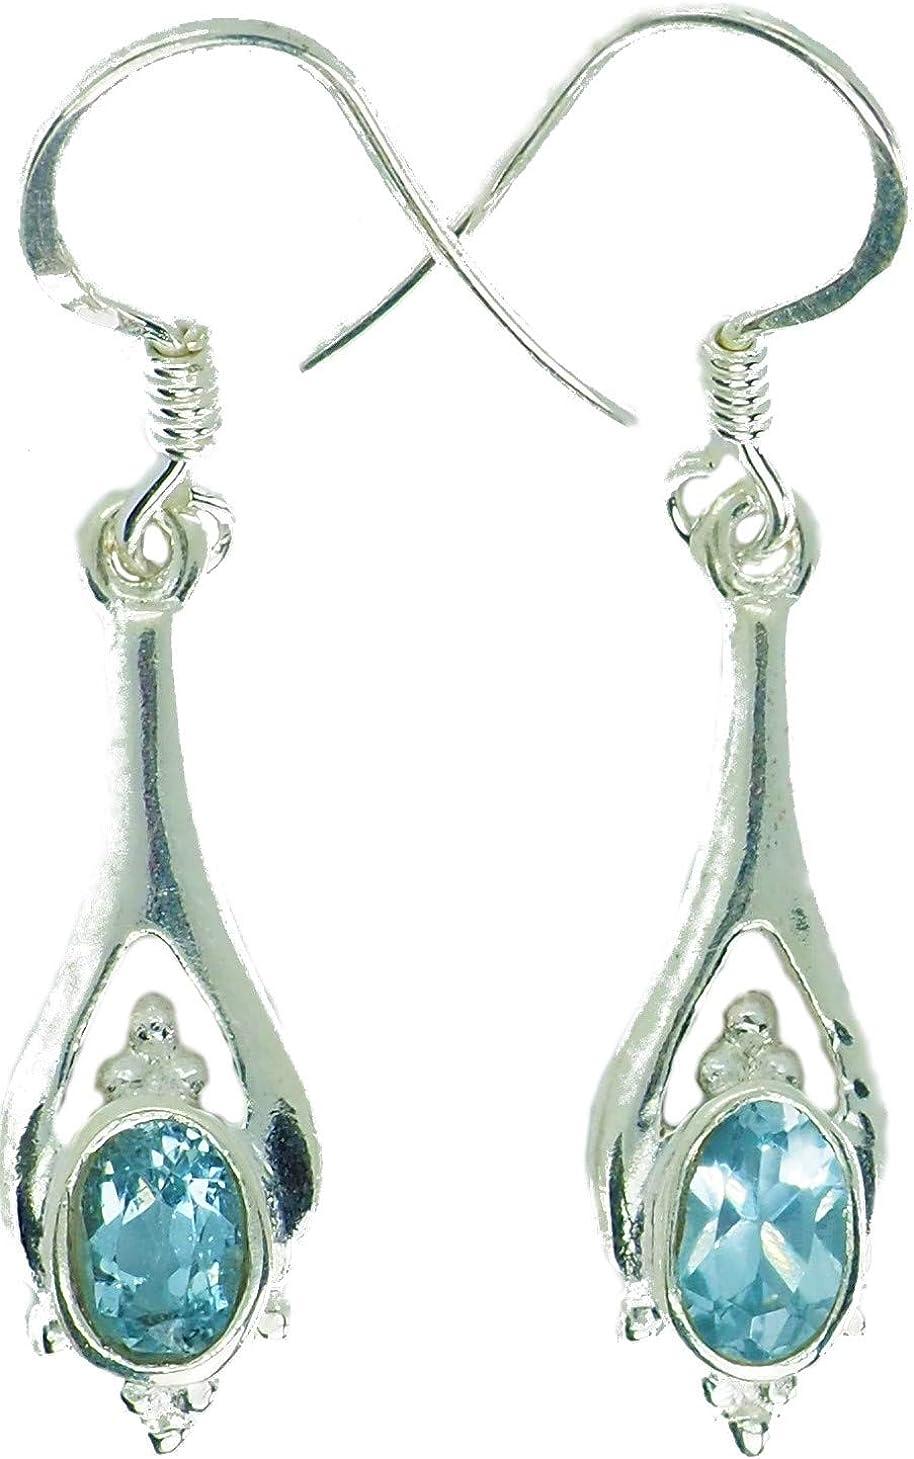 Pendientes con auténtica piedra preciosa azul topacio engarzado en plata de ley 925, los pendientes son de 3,60 cm de largo y 0,70 cm de ancho + 2 topes de silicona gratis